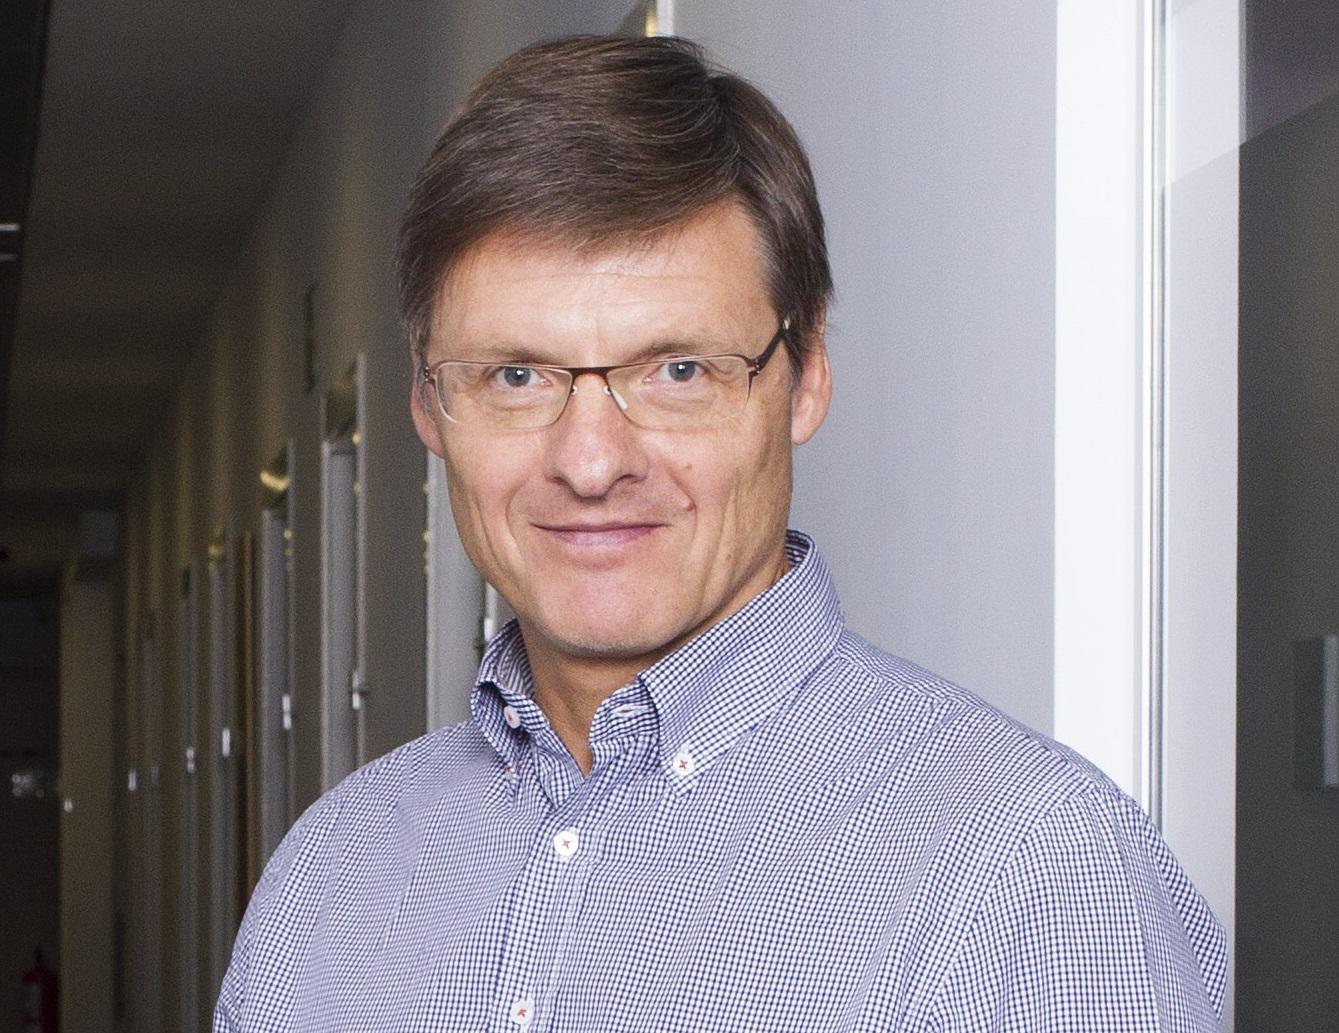 Daniel Madero, director regional para Iberia de MobileIron